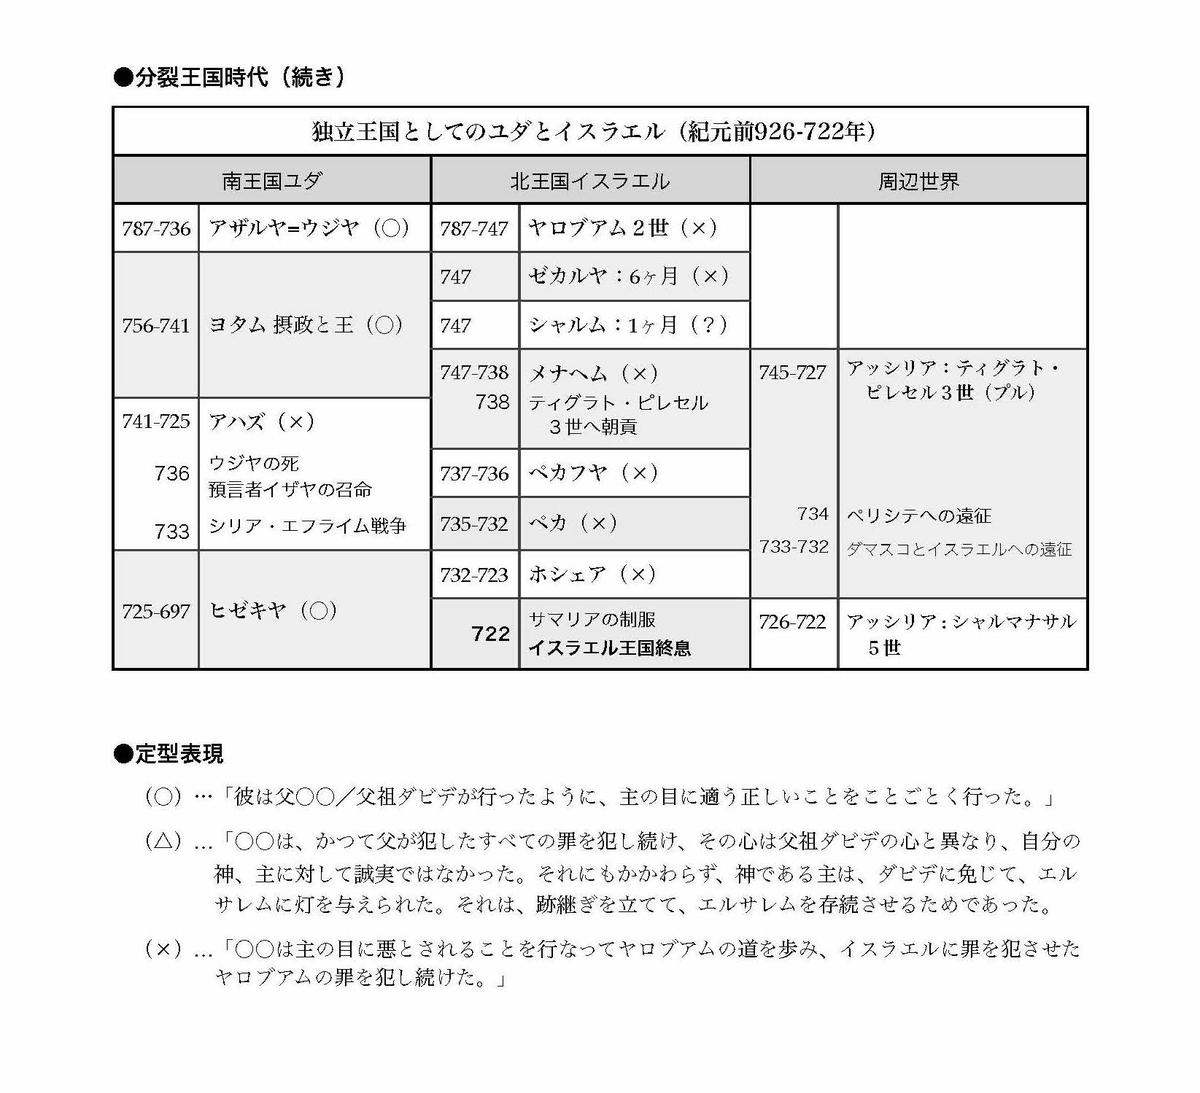 f:id:nakayama-holiness:20210520121114j:plain